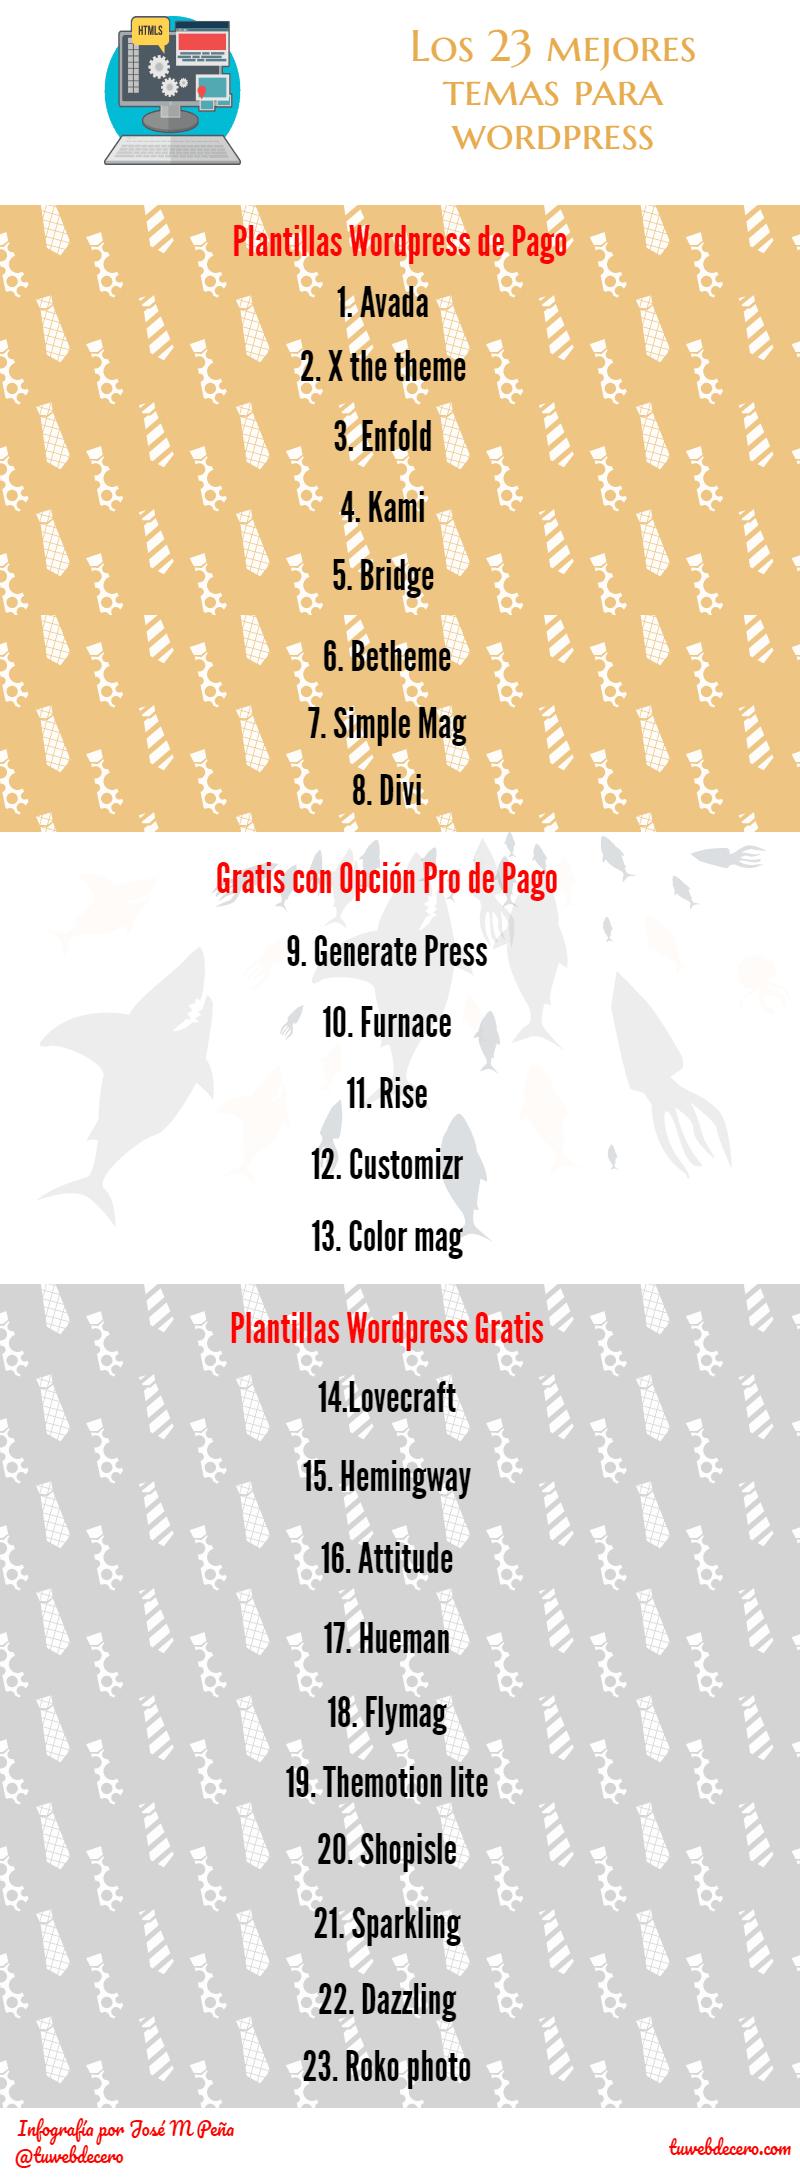 Infografía: Los mejores 23 temas para wordpress